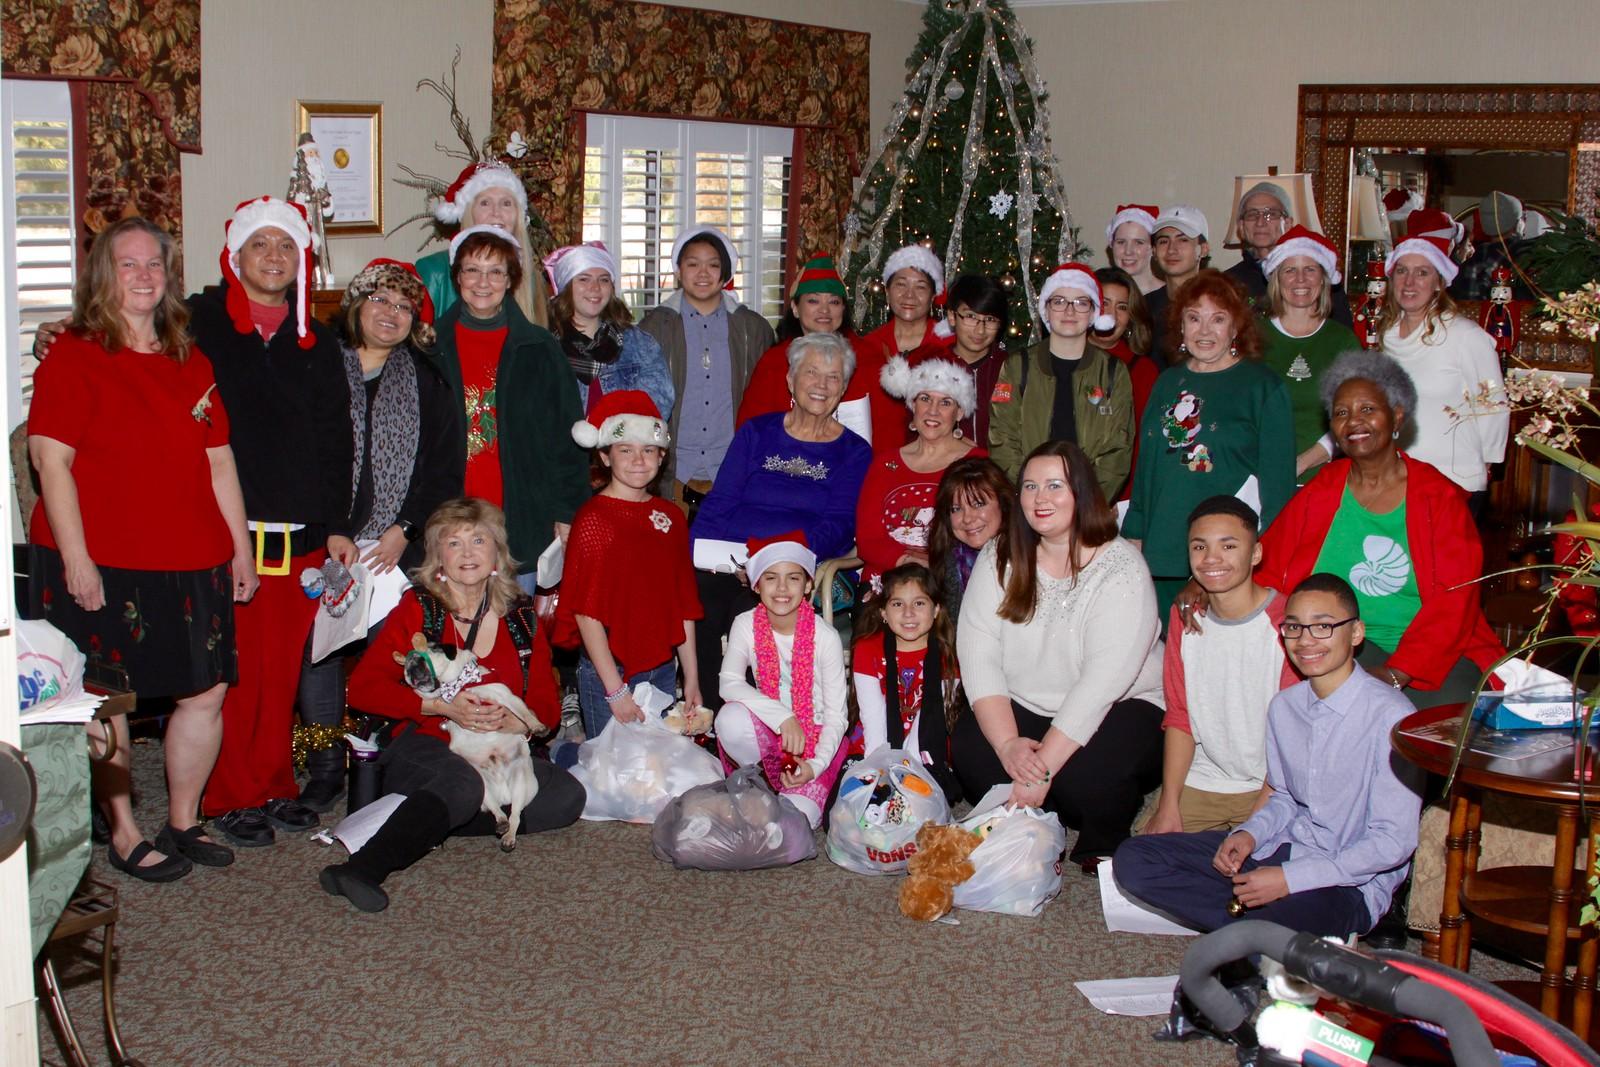 After Christmas Caroling at Senior Assisted Living facilities